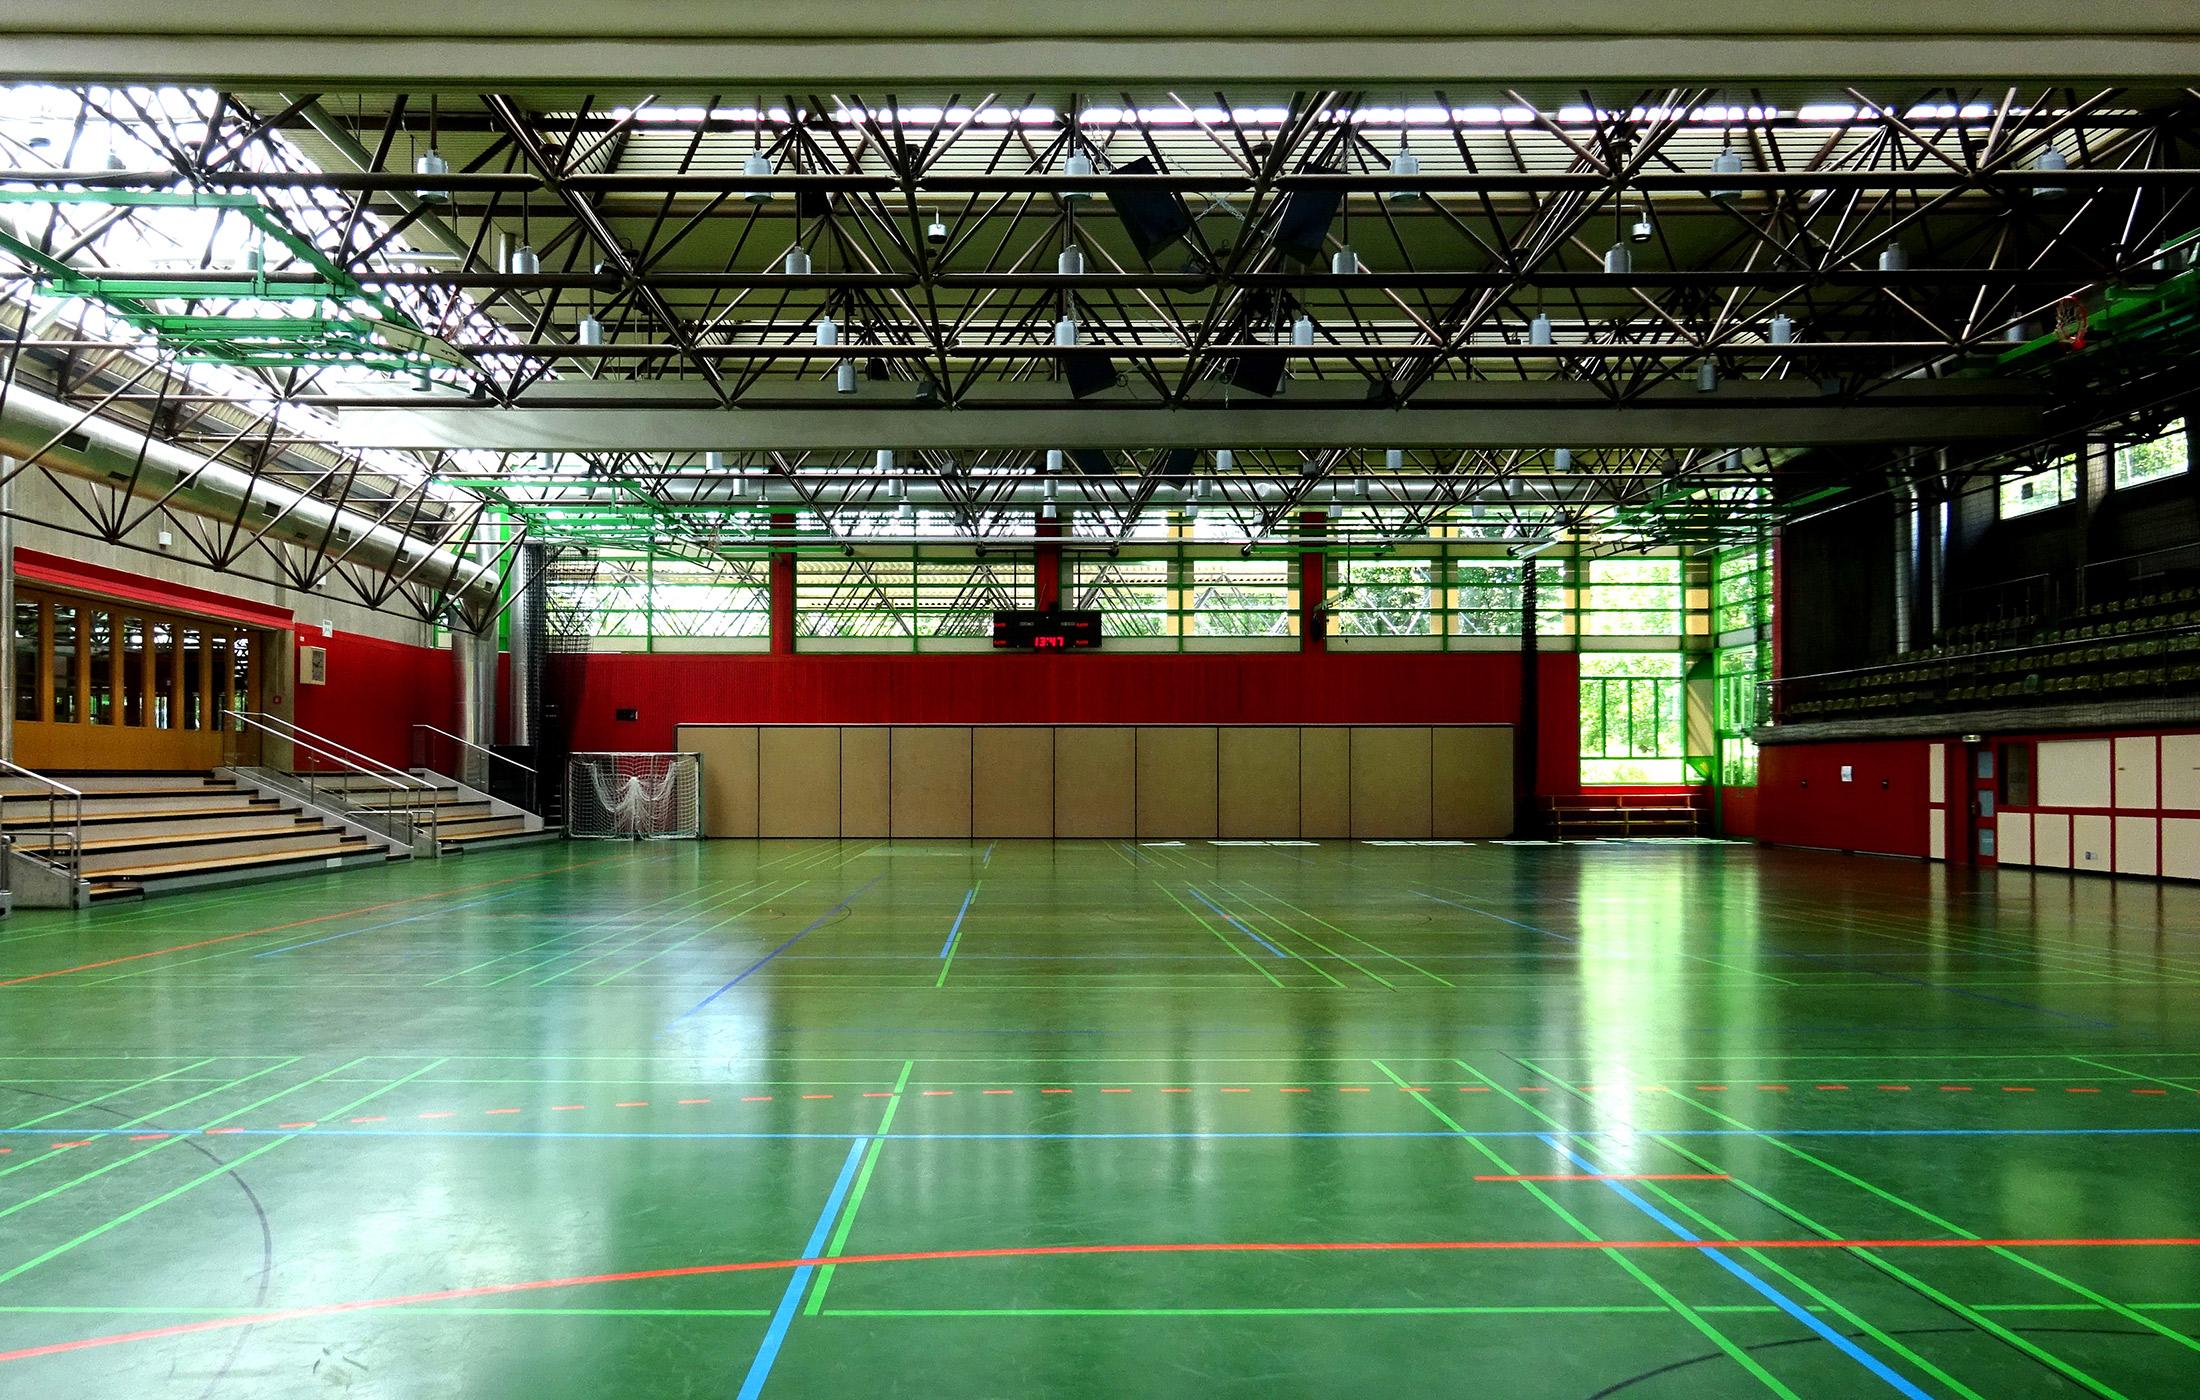 2017, Immobilienkonzept Ballei, Neckarsulm